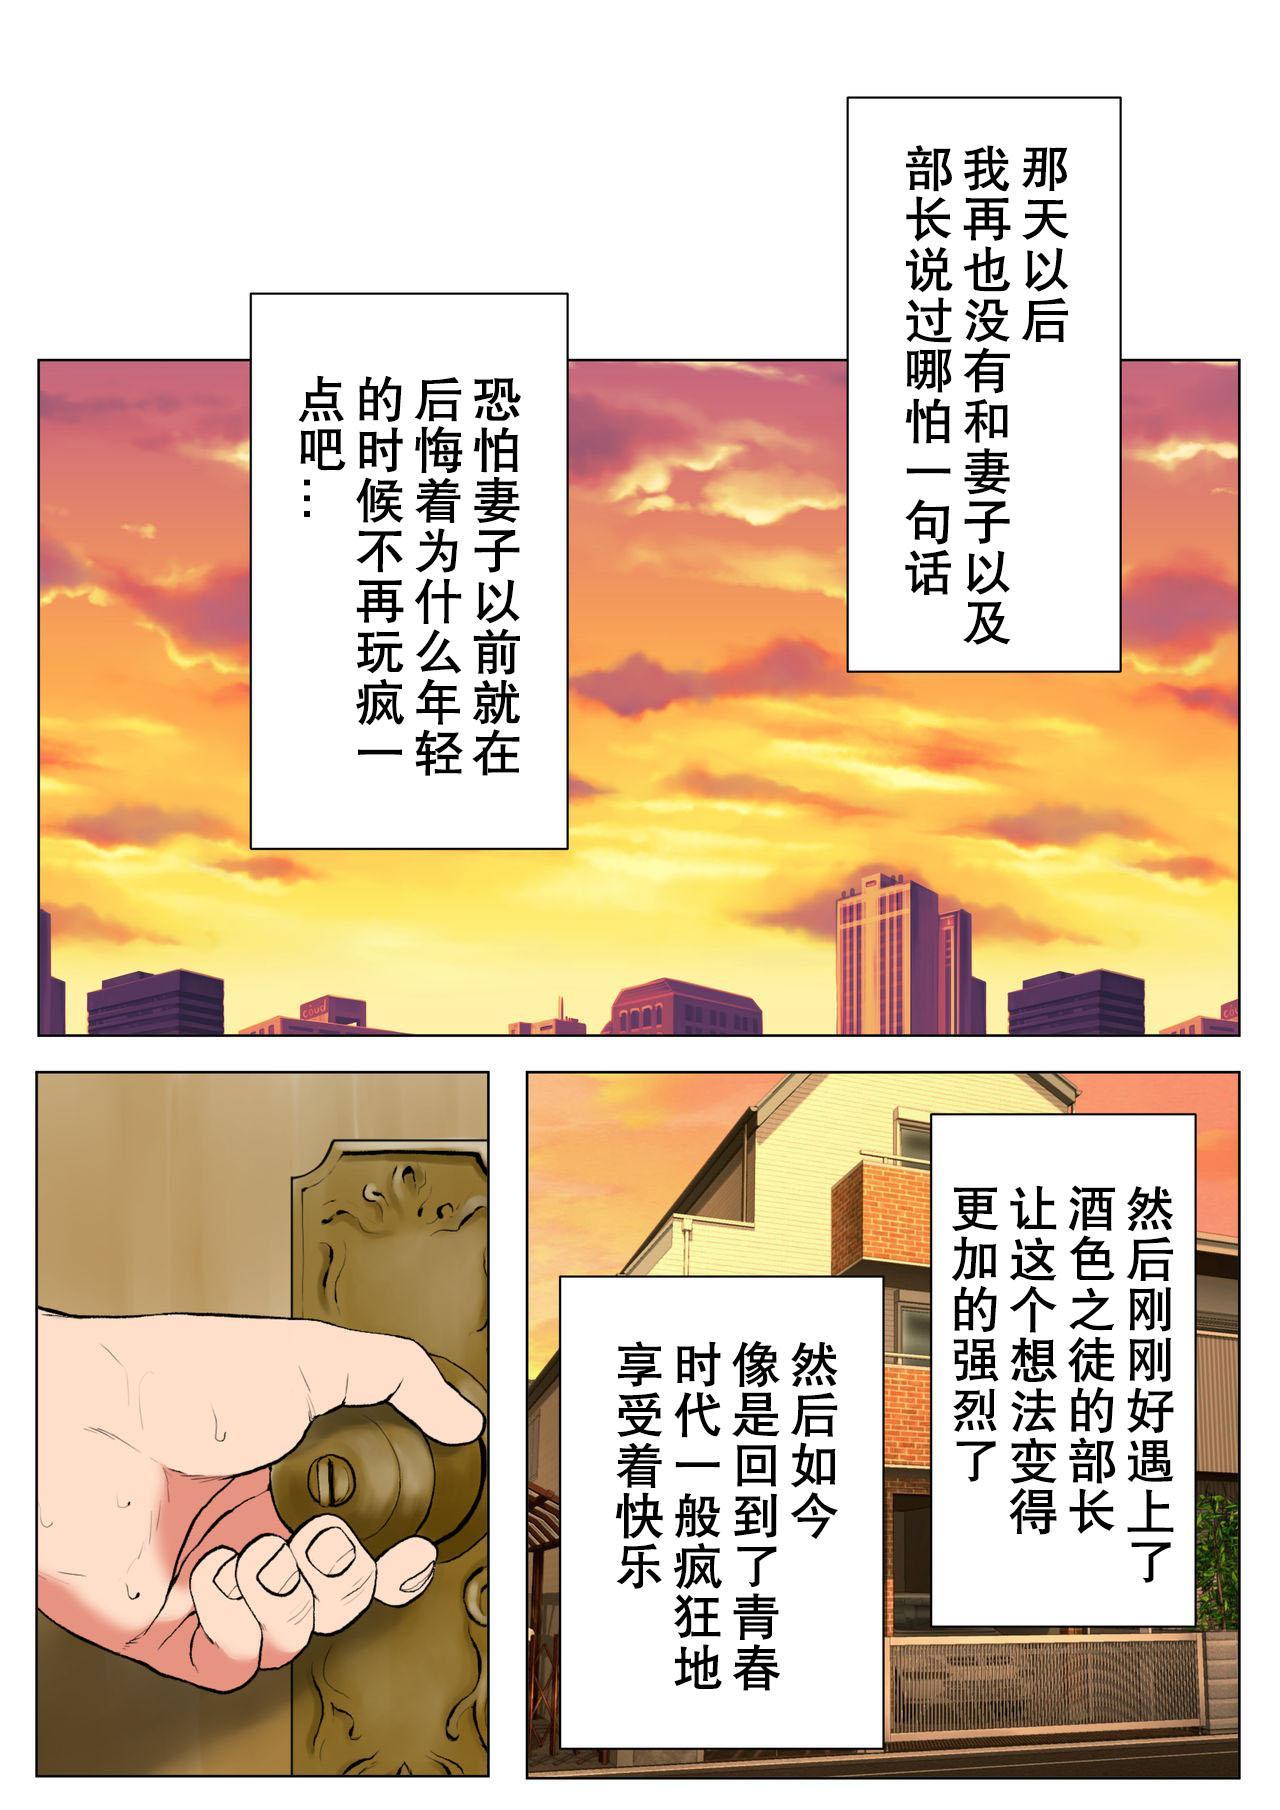 [W no Honnou] Shin, Boku no Tsuma to Kyokon no Moto AV Danyuu Buchou[Chinese]【不可视汉化】 83